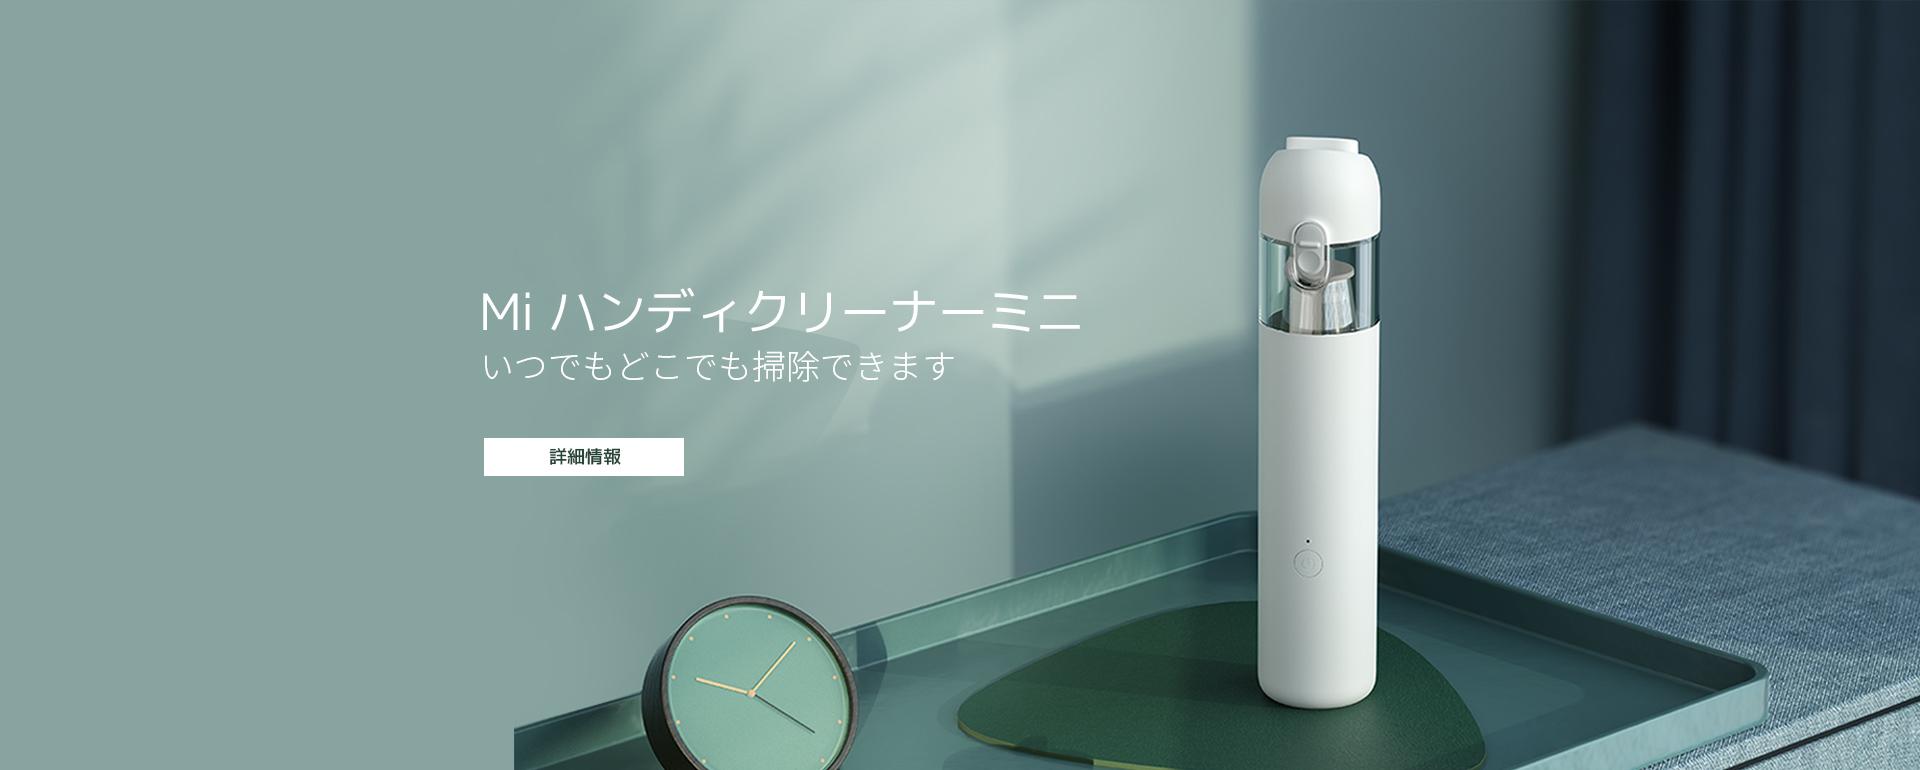 mi-vacuum-cleaner-mini